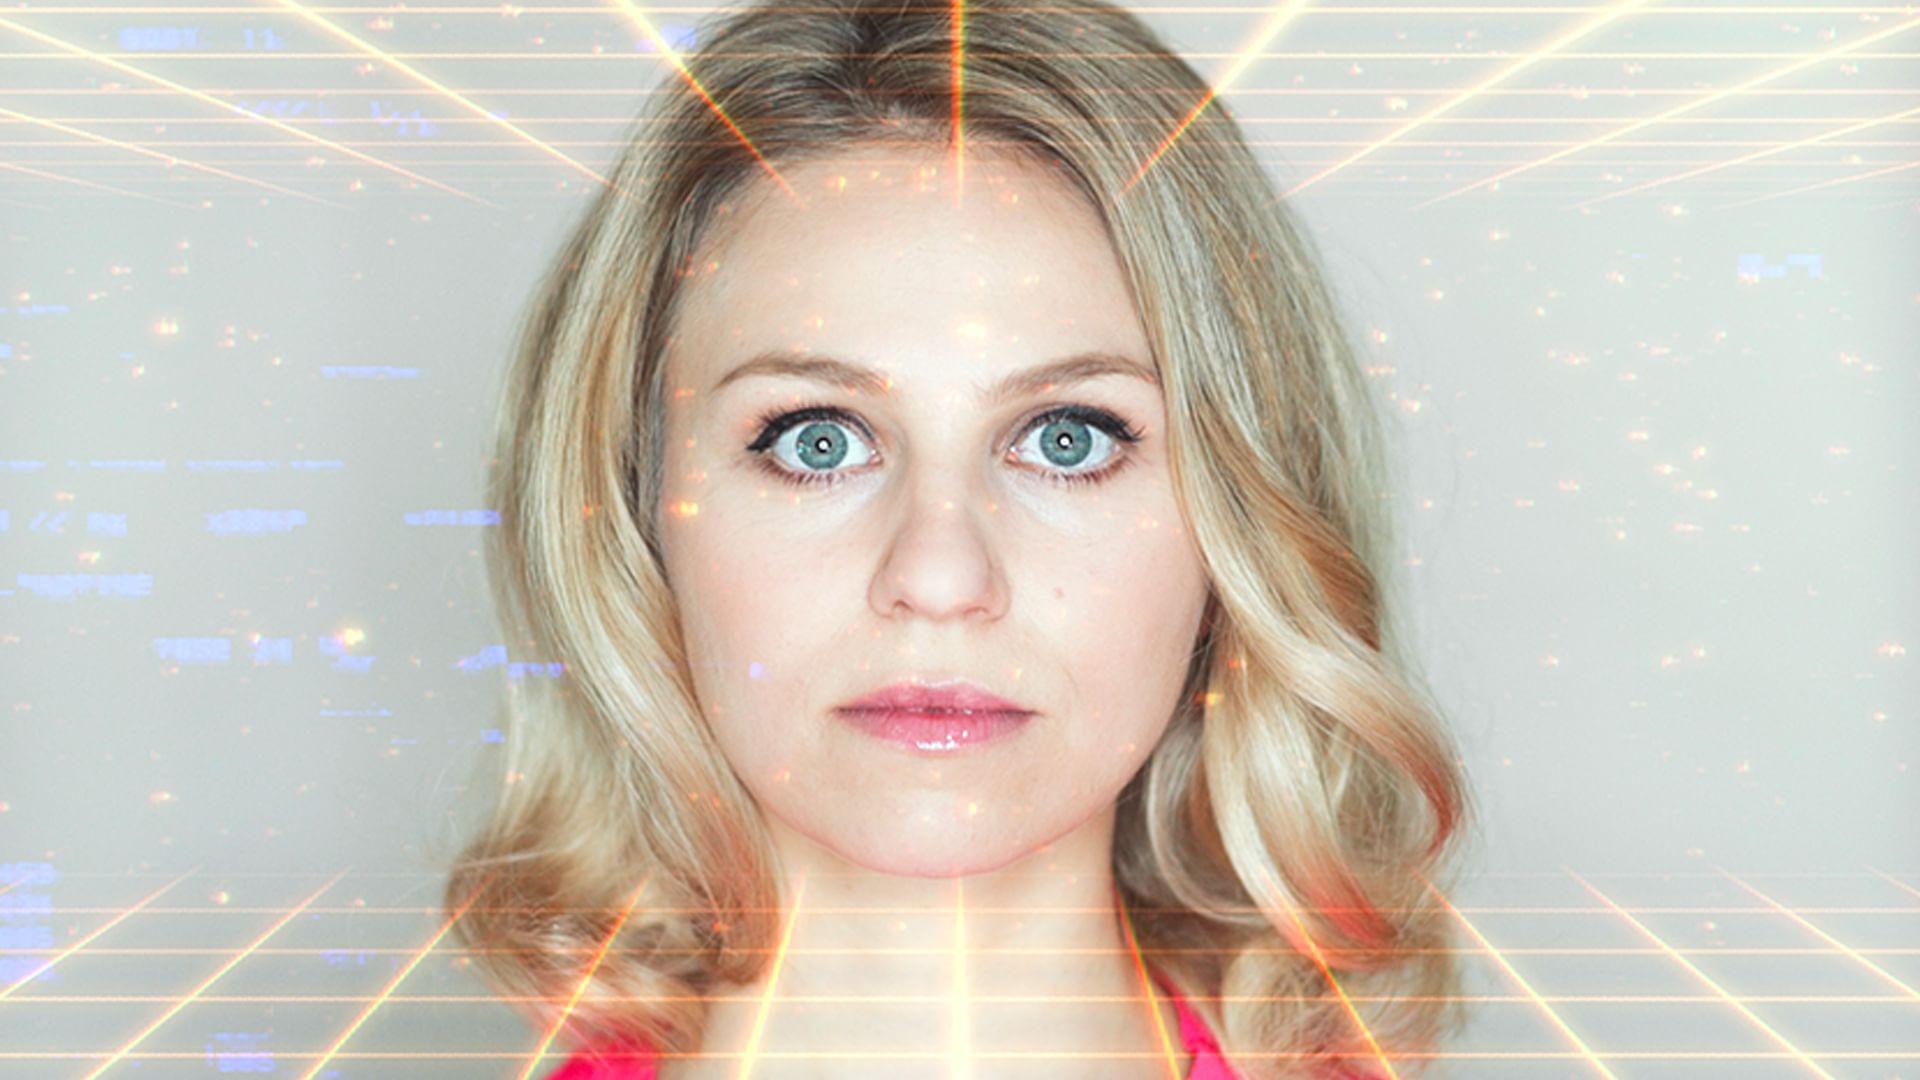 Helena. L'Intelligence Artificielle de mes rêves